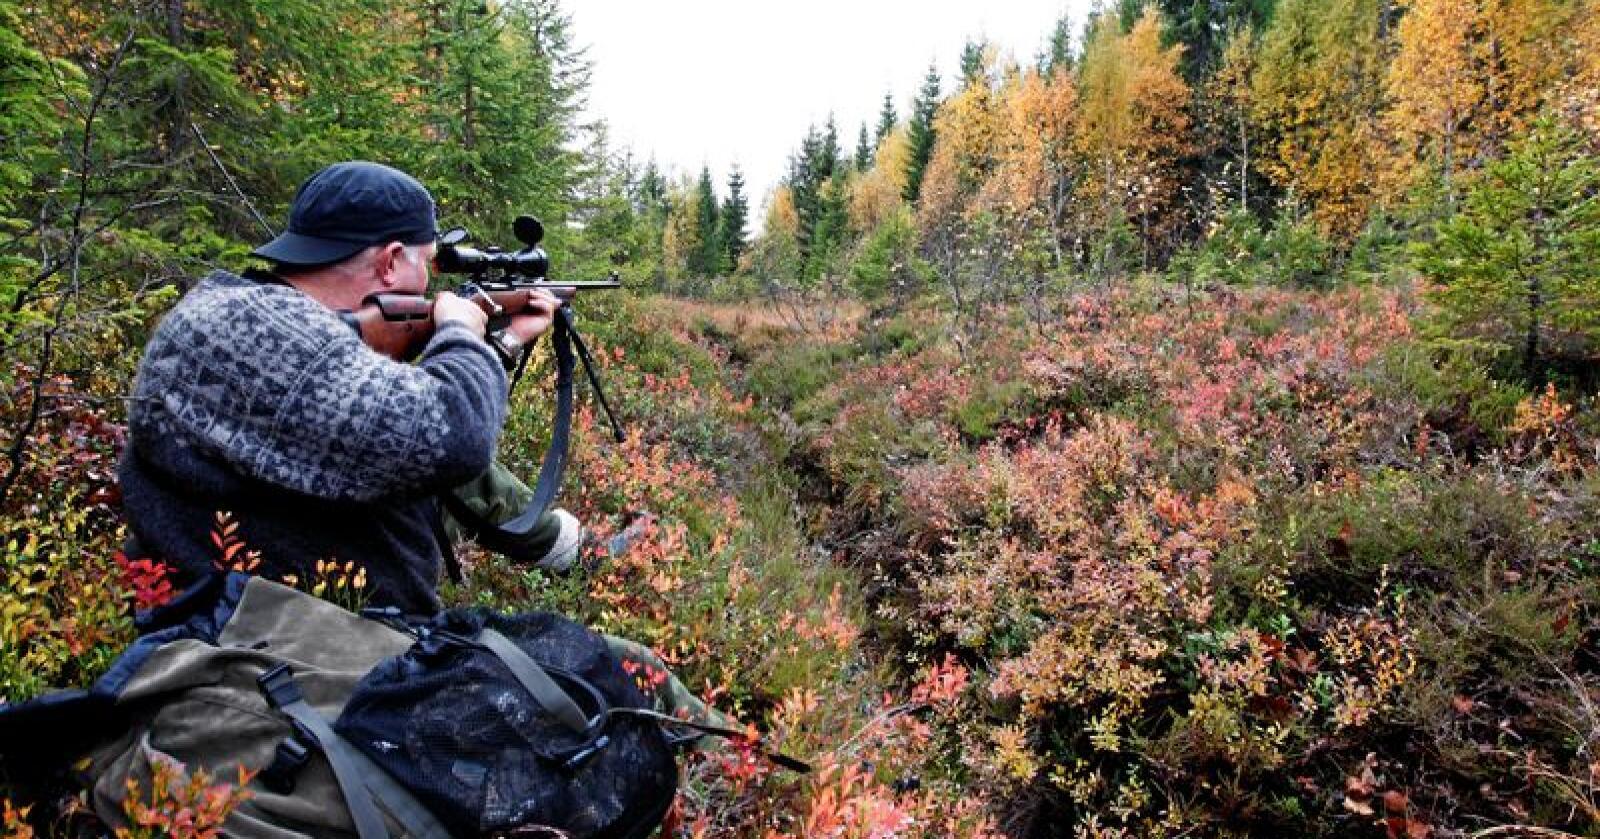 Jakt, fiske og skogsdrift bidrar til utrydding av langt flere dyrearter enn global oppvarming, viser nye studier. Illustrasjonsfoto: Gorm Kallestad / NTB scanpix